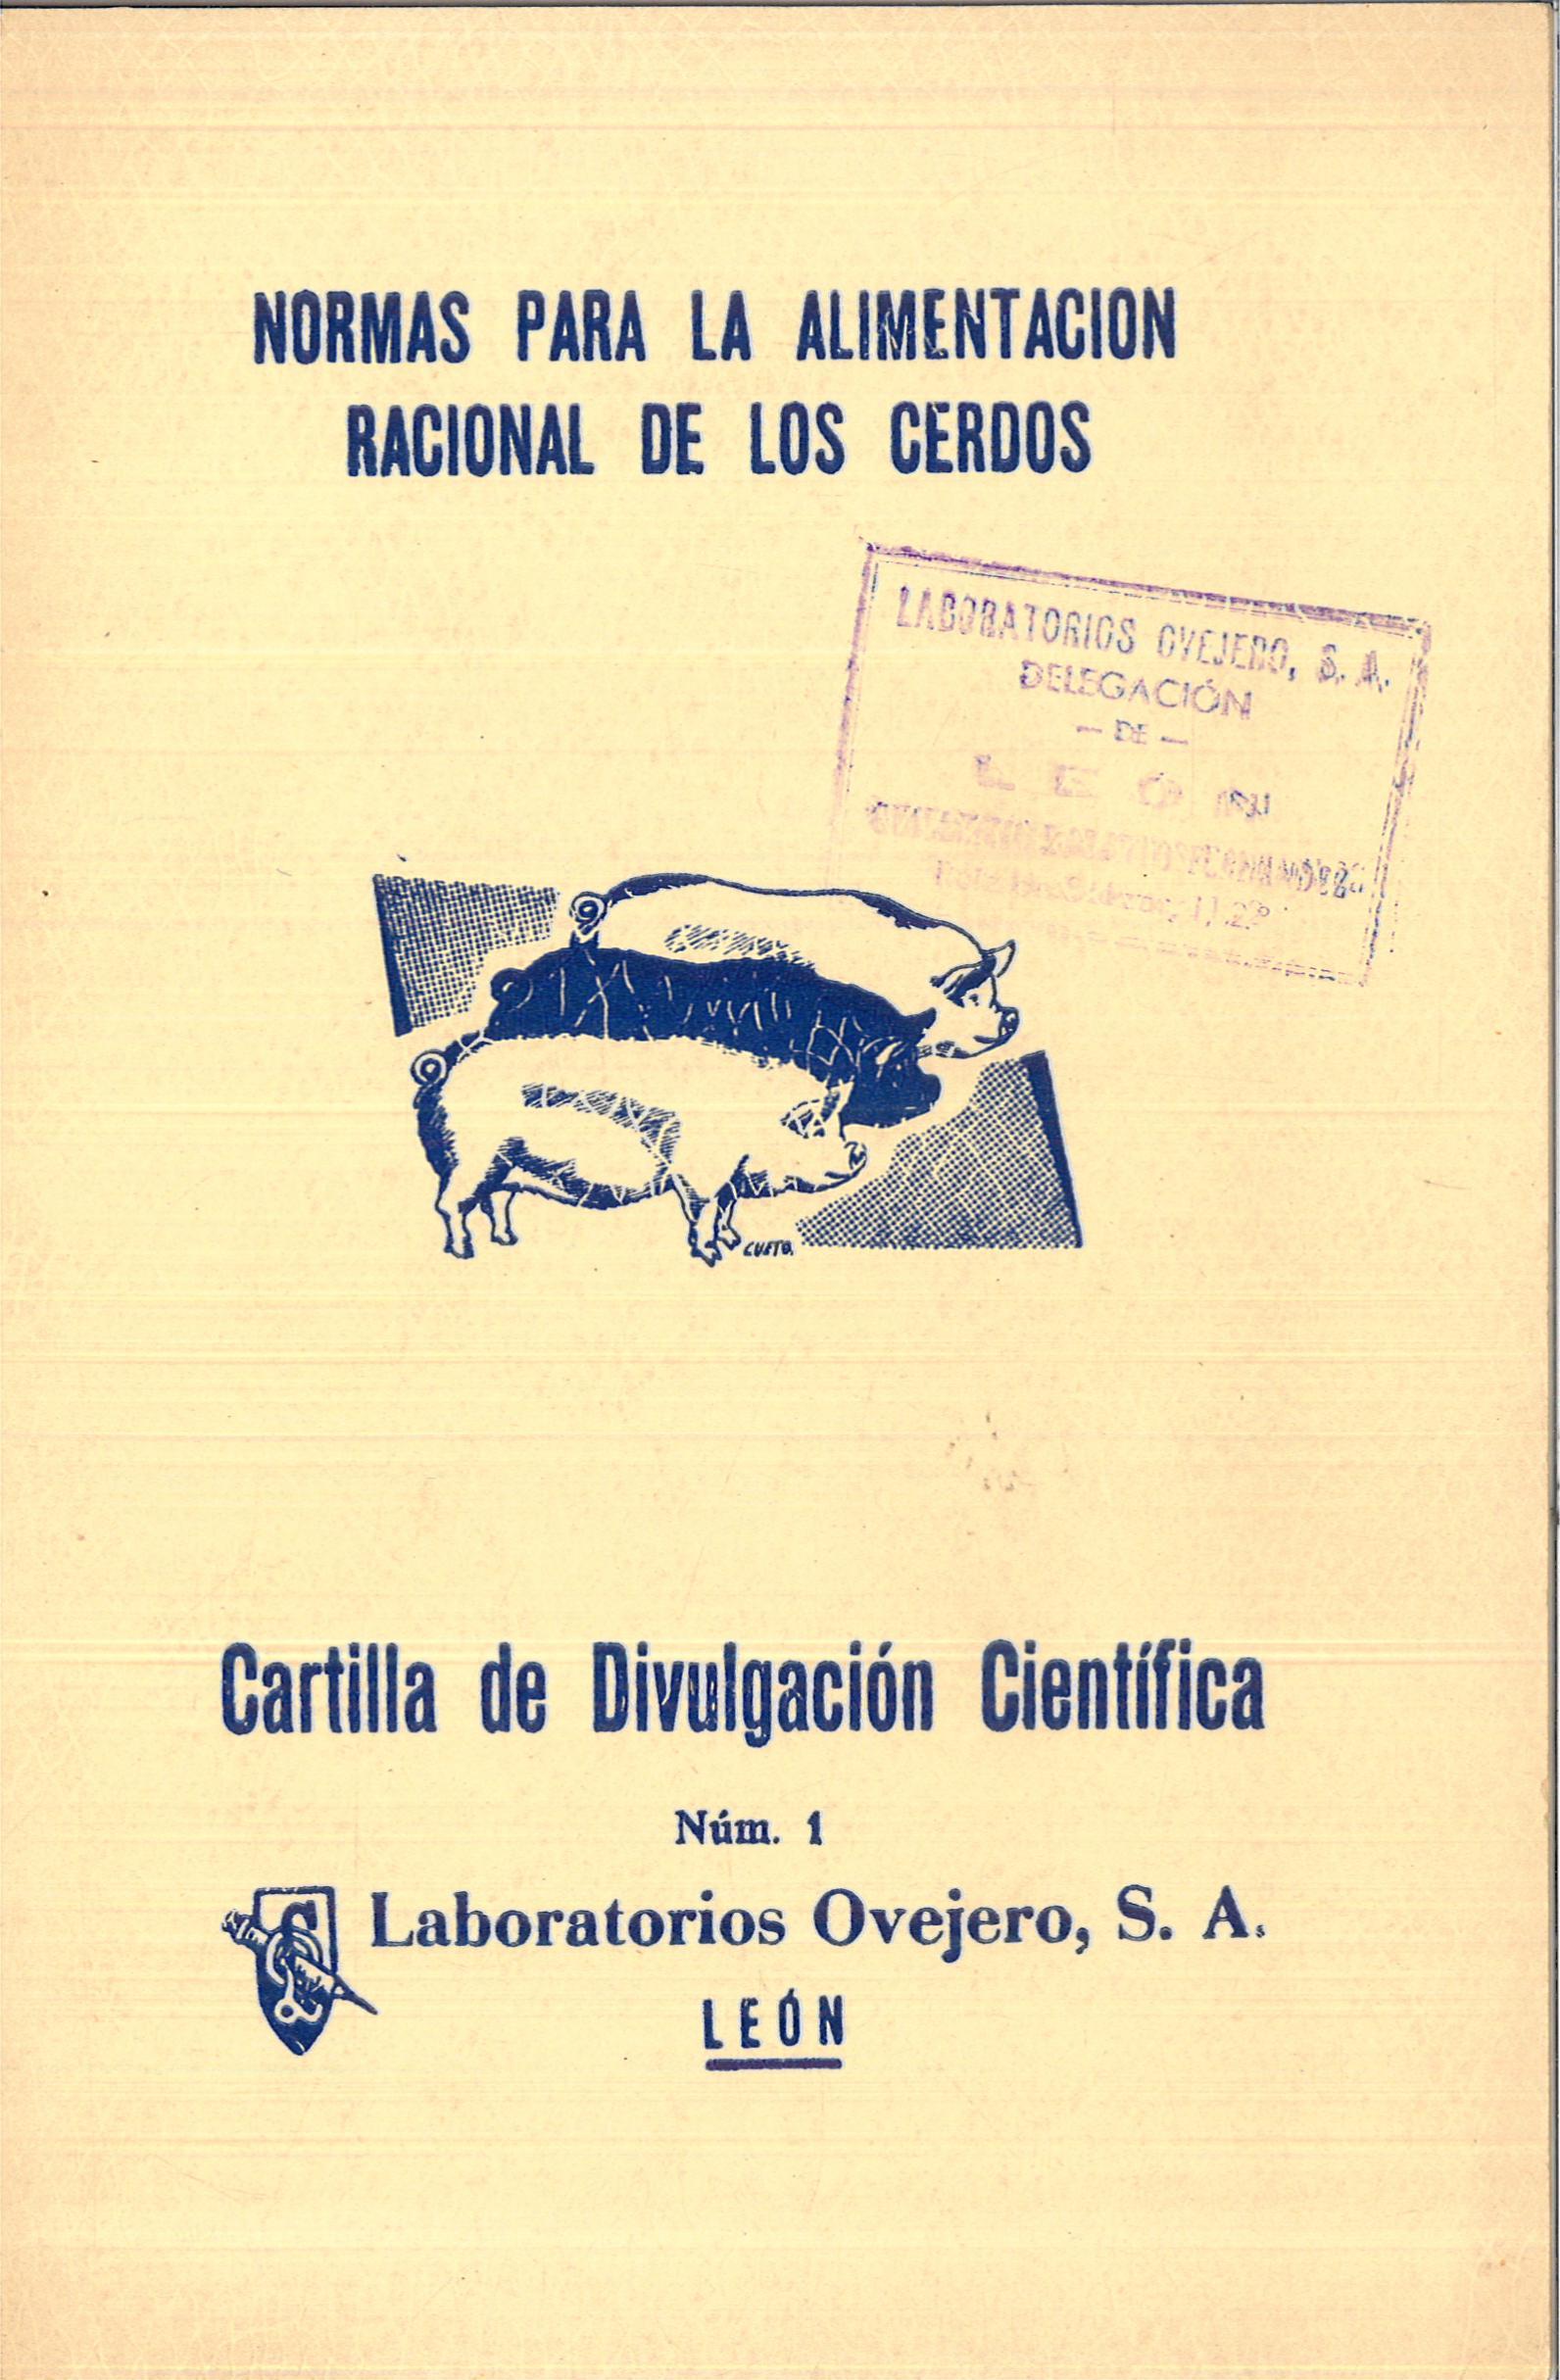 Cartilla de Divulgación Científica Núm 1: Normas para la alimentación racional de los cerdos. Laboratorios Ovejero, S. A. León.